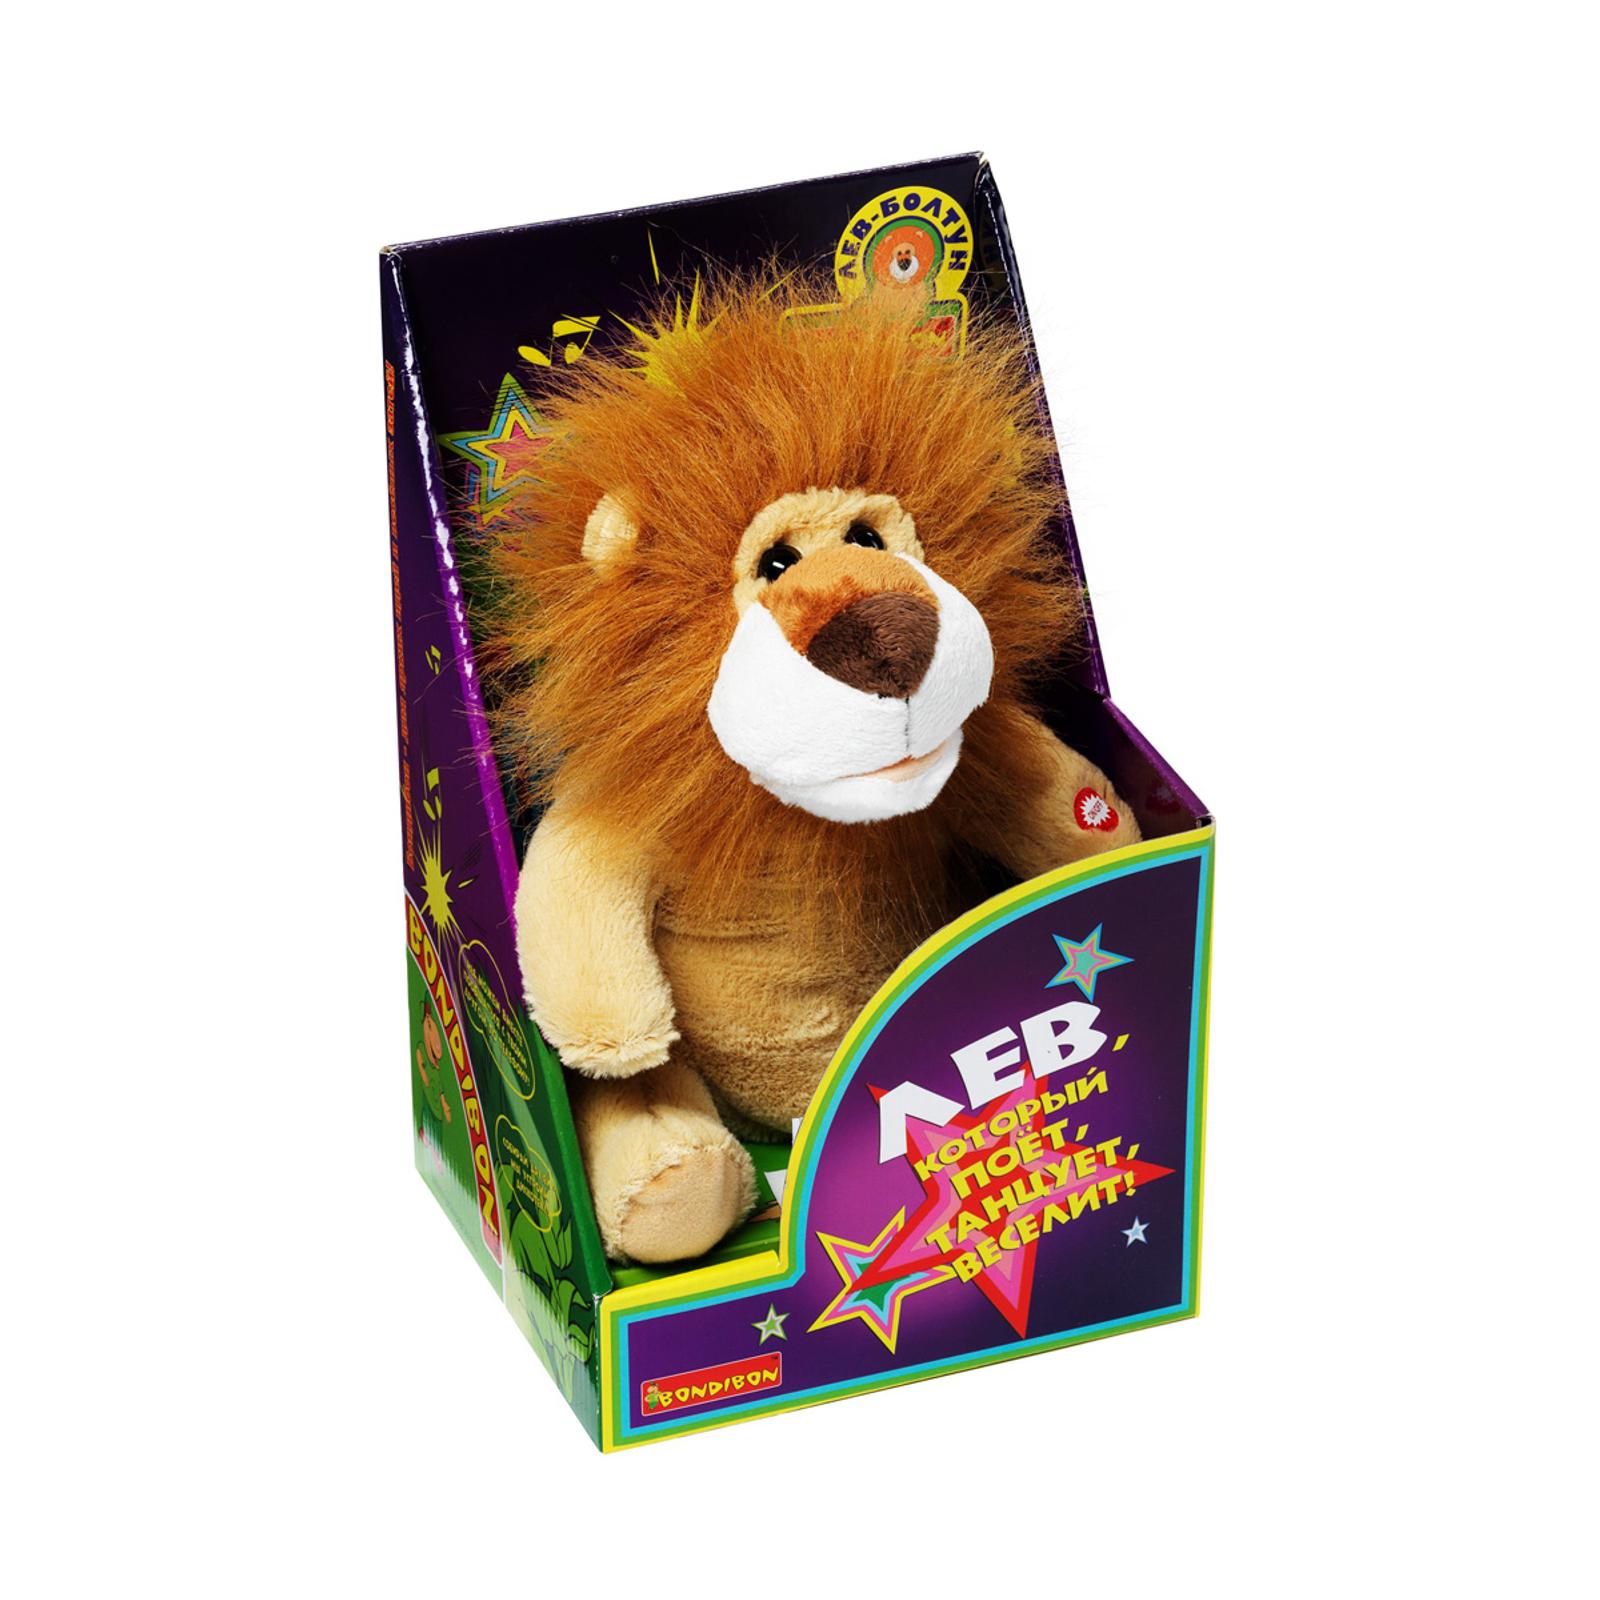 Мягкая развивающая игрушка Bondibon Лев , который поёт, танцует, веселит<br>